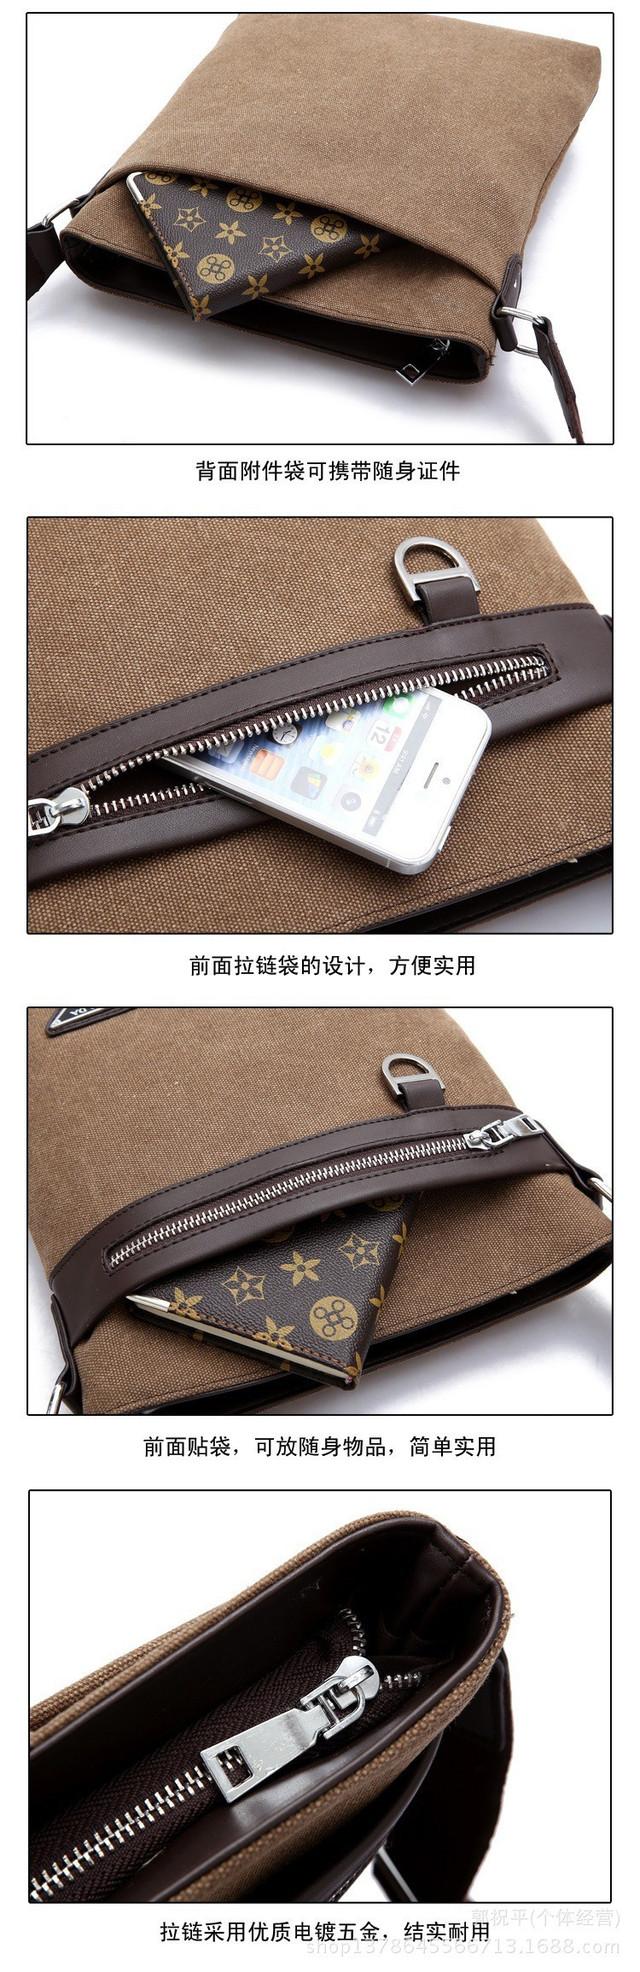 Мужская сумка Prada. Оригинал. Современный дизайн. Новое поступление. Отличное качество. Код: КС52-1 - фото 4